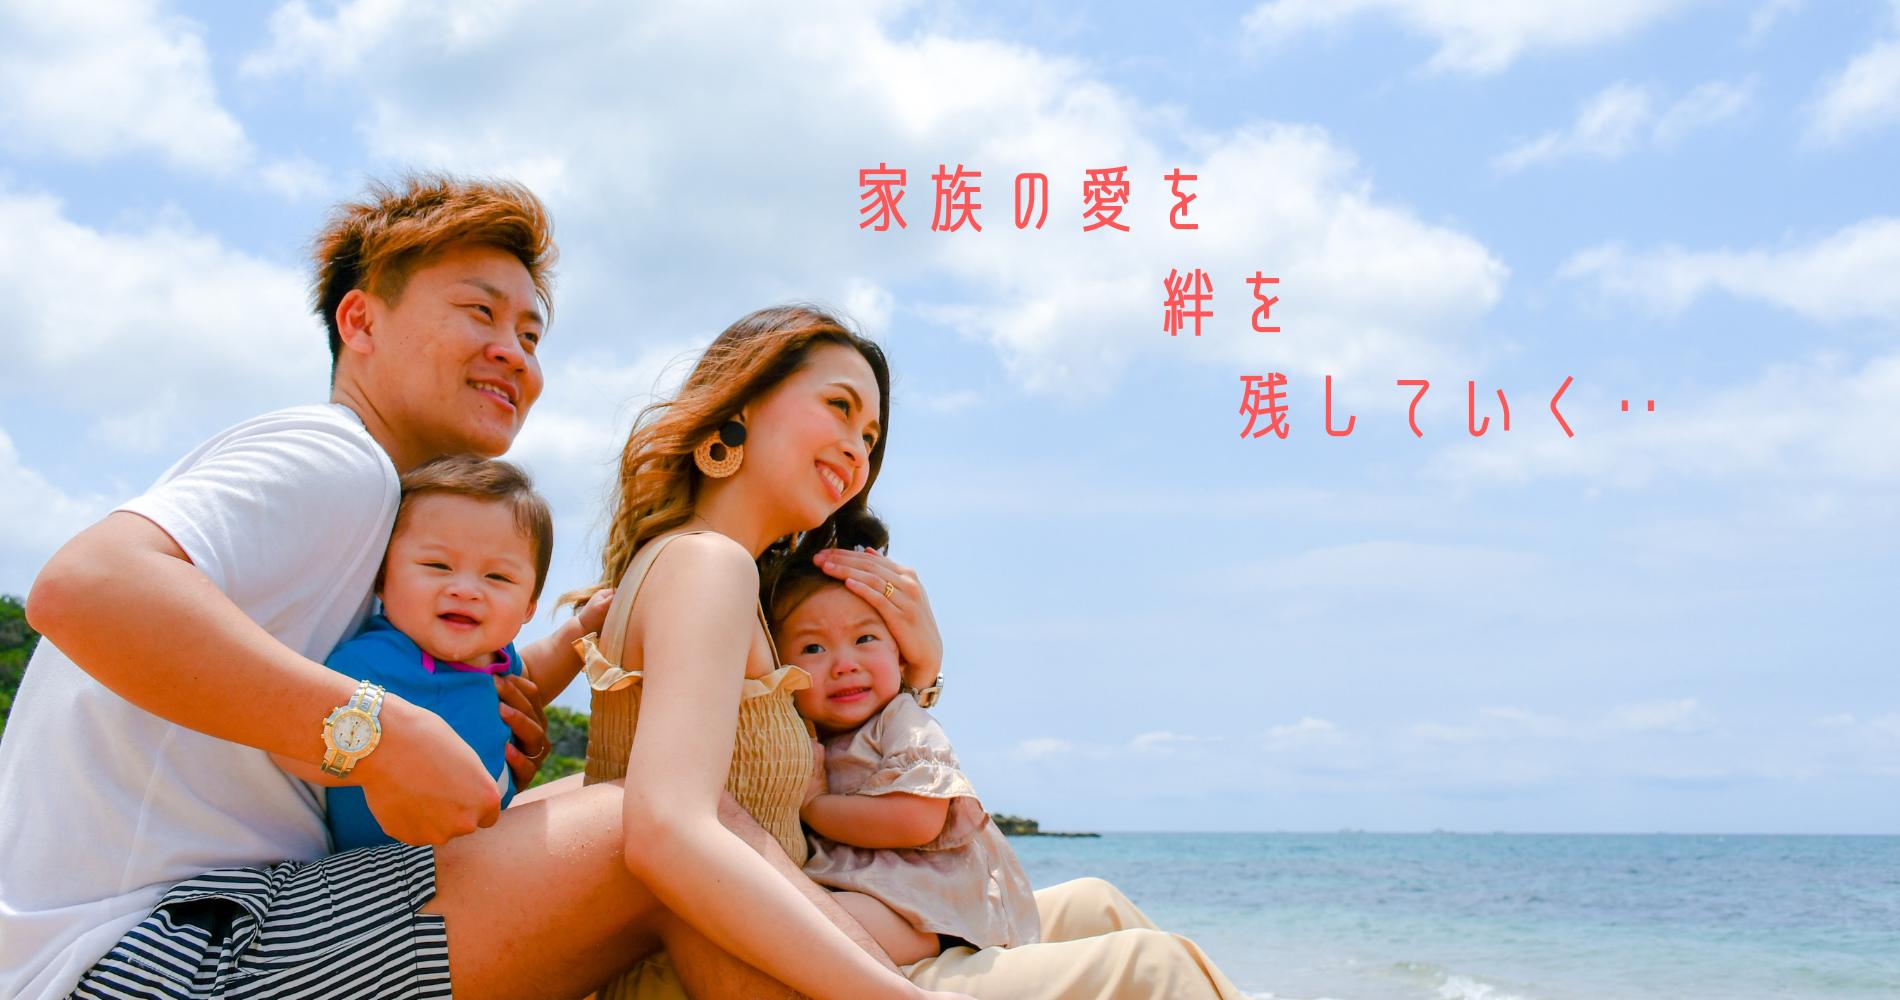 https://mahalophoto.okinawa/familyphoto/